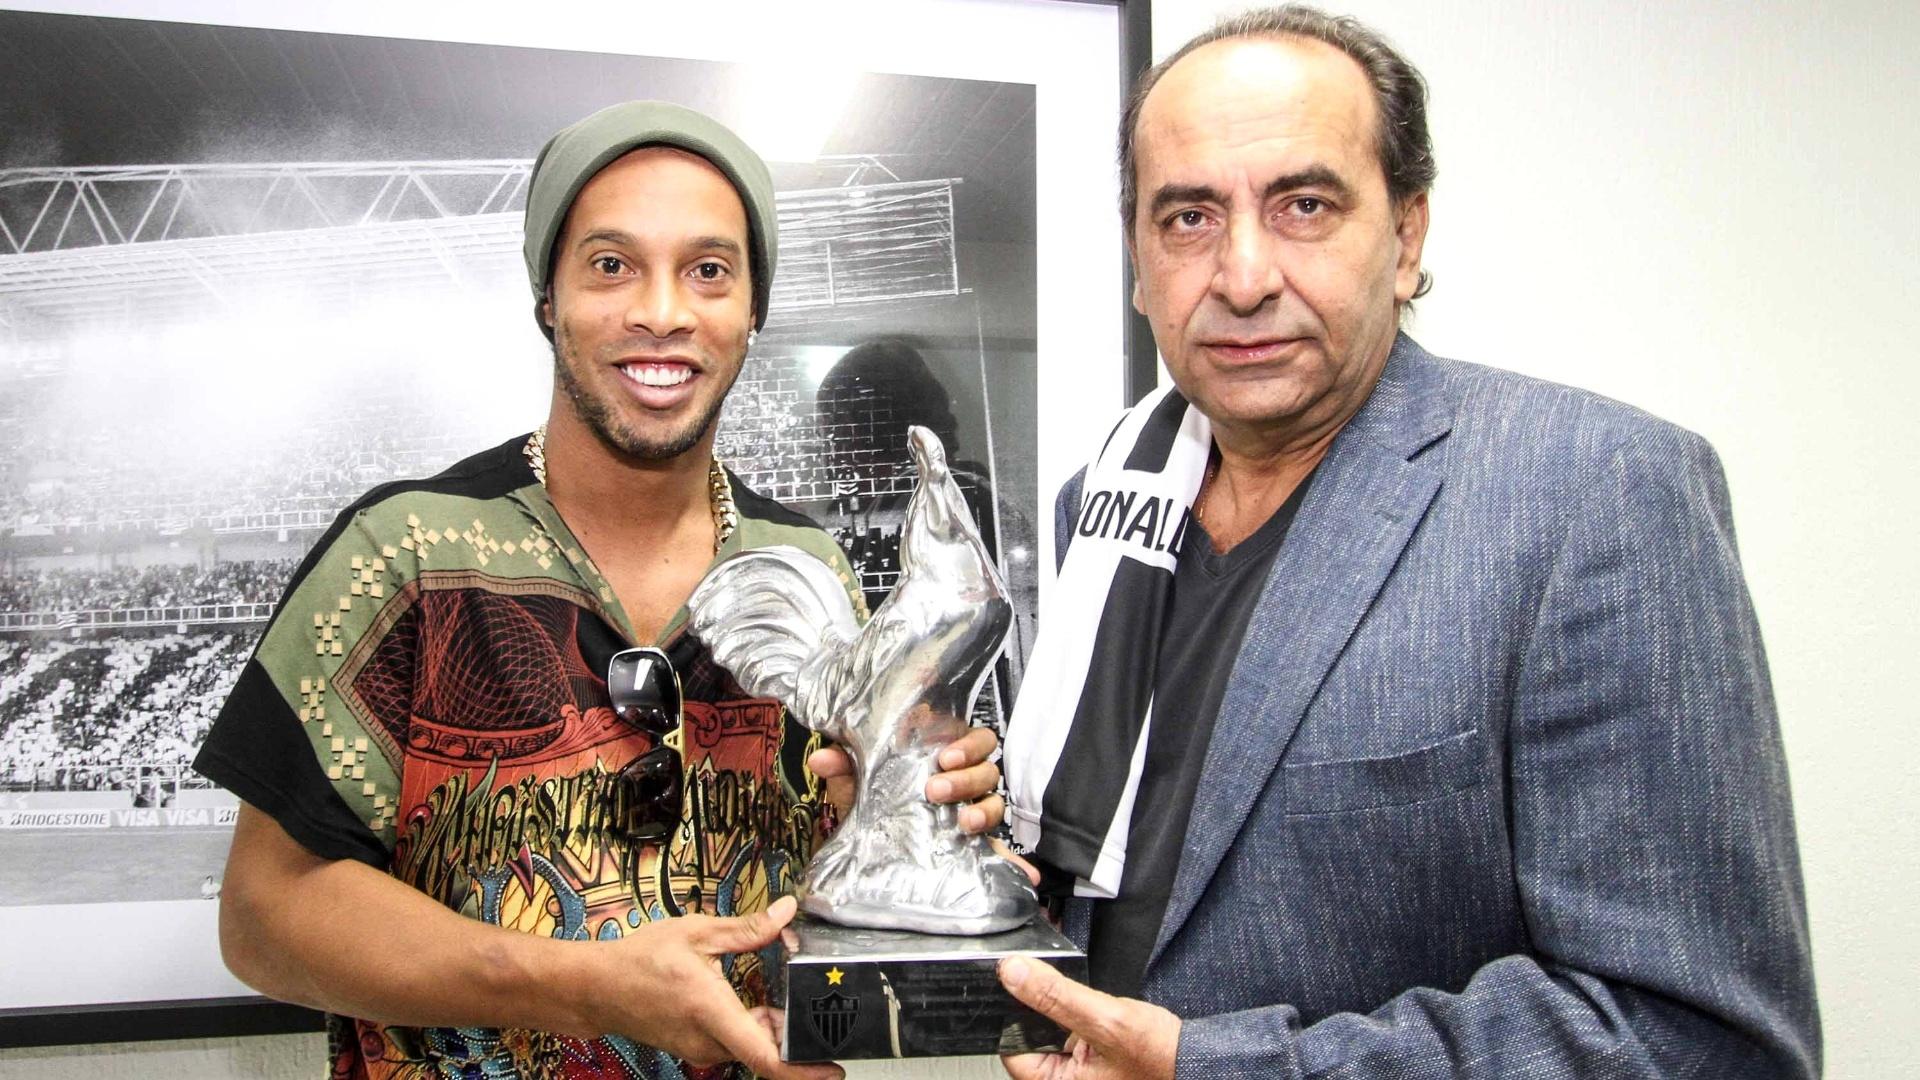 30 Jul. 2014 - Ronaldinho Gaúcho recebe o Galo de Prata do presidente Alexandre Kalil na despedida do Atlético-MG